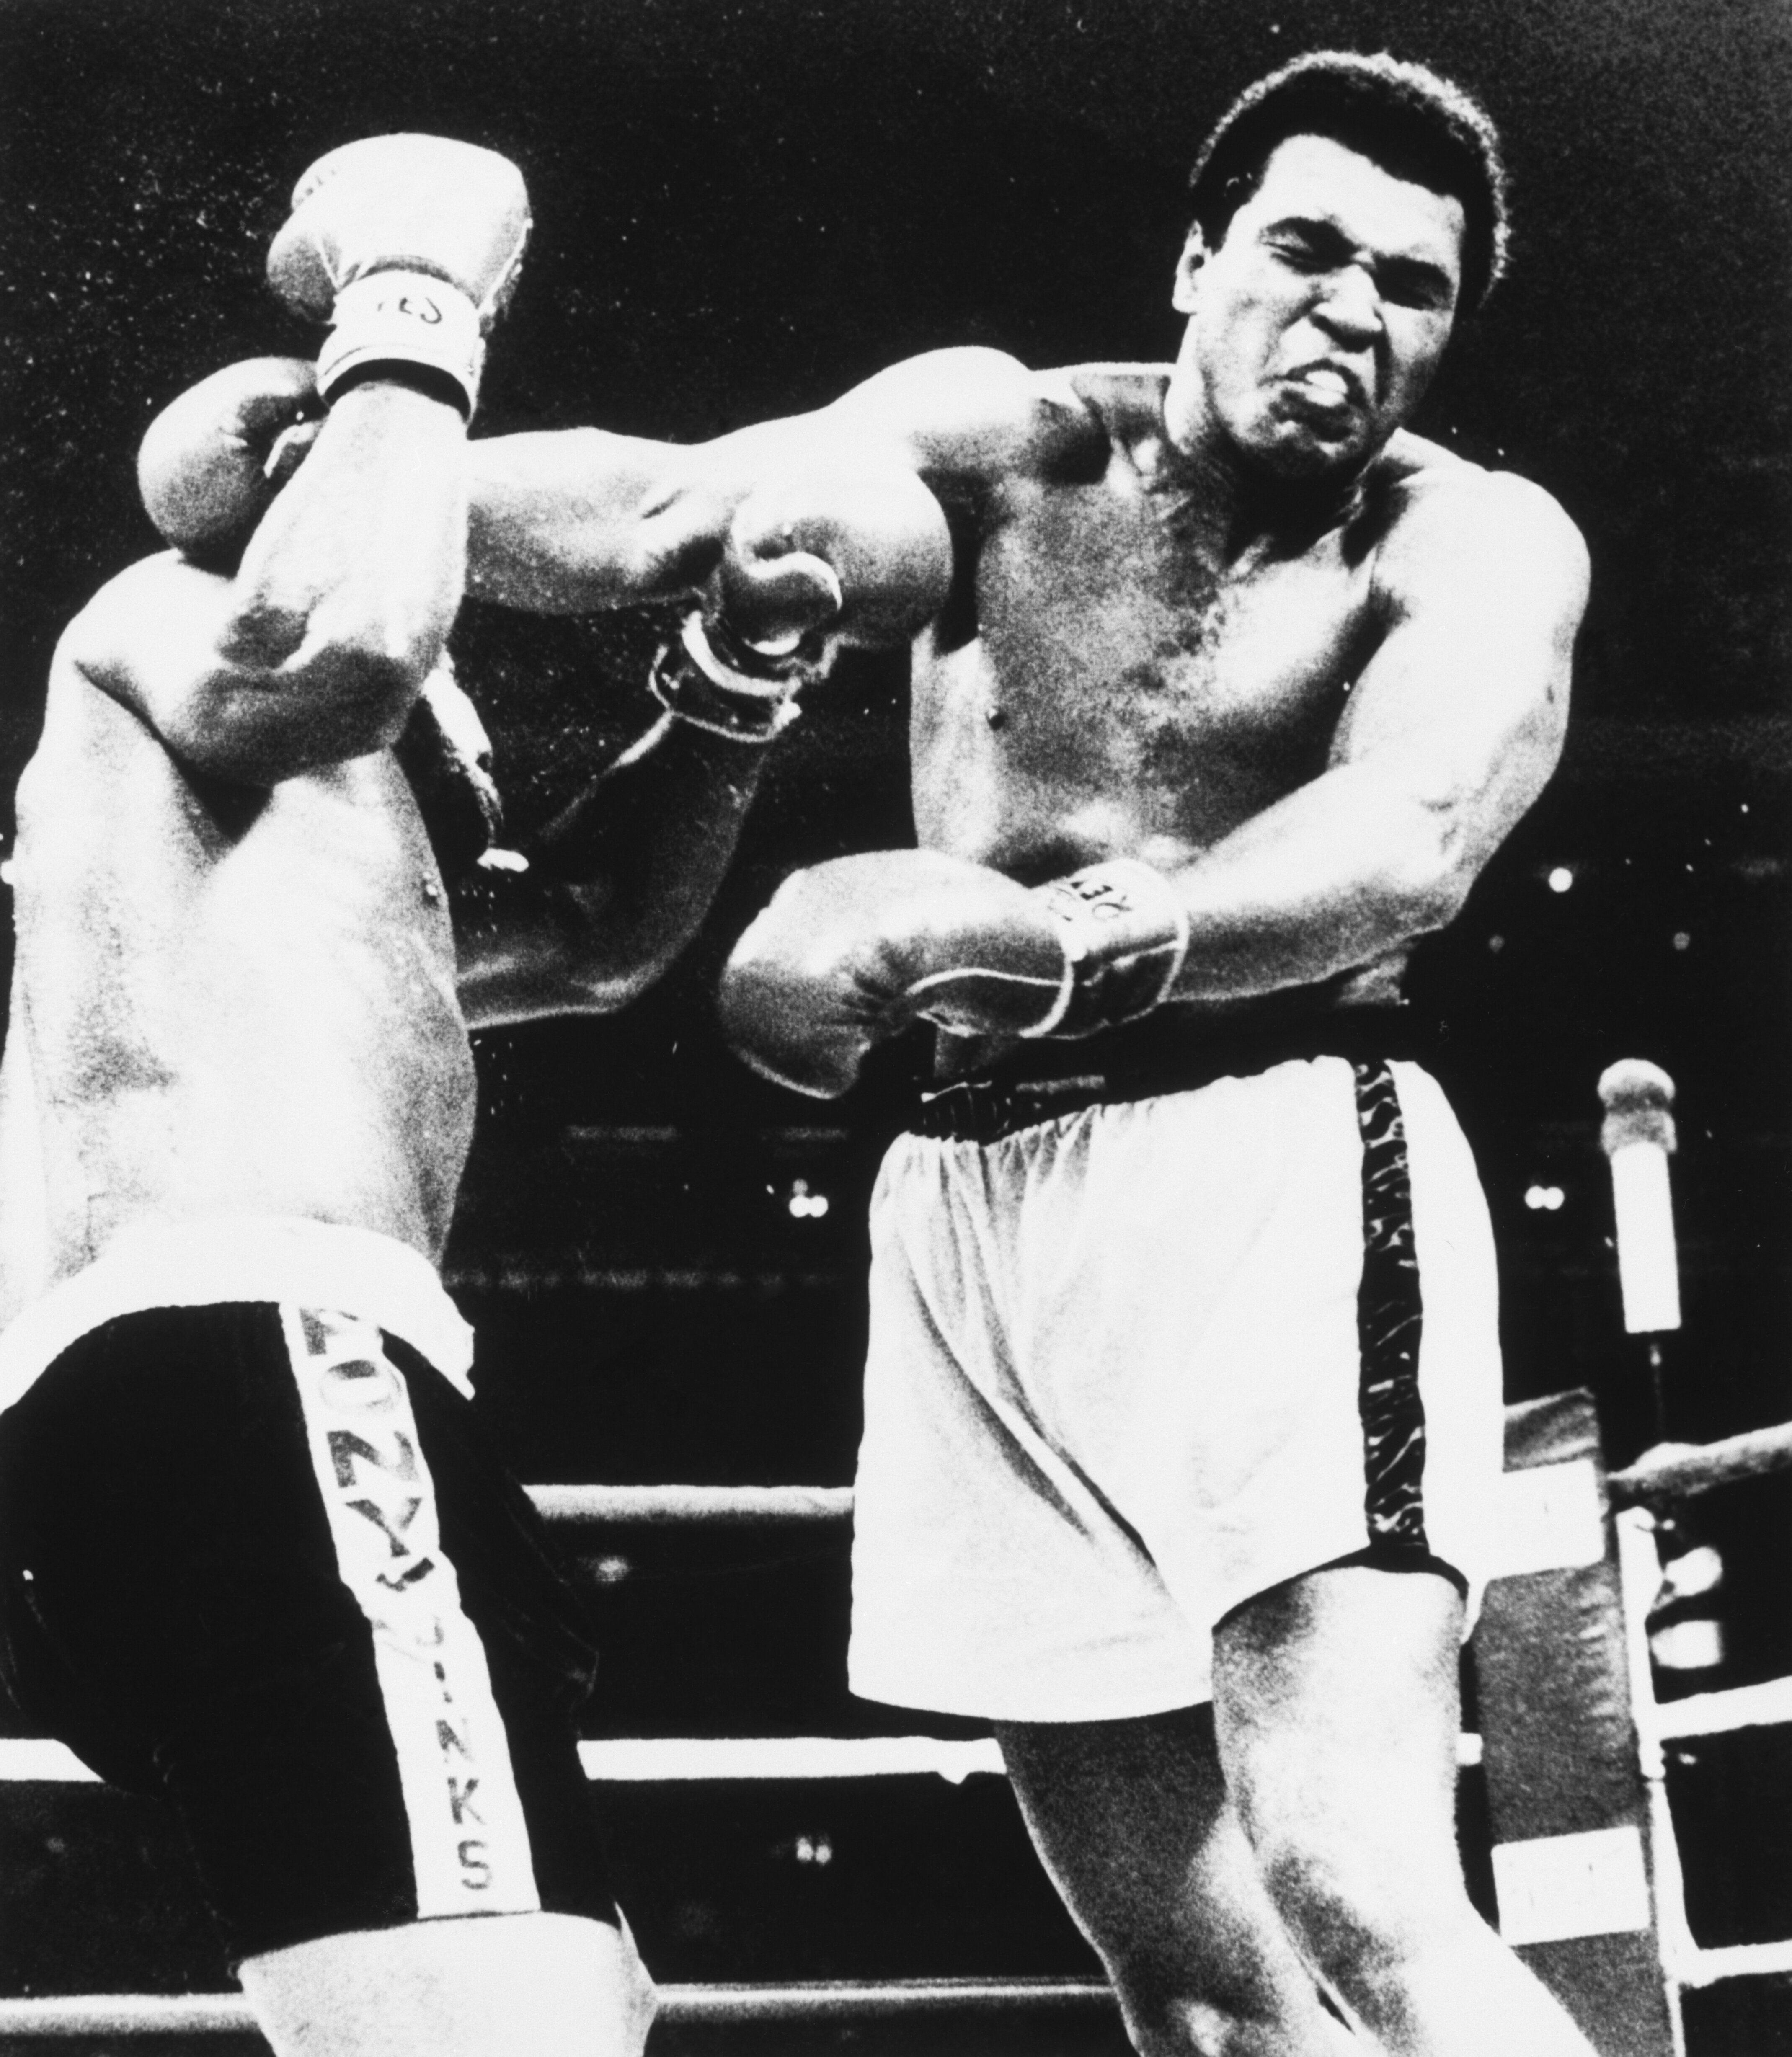 Leon Spinks fighting Mohammed Ali.